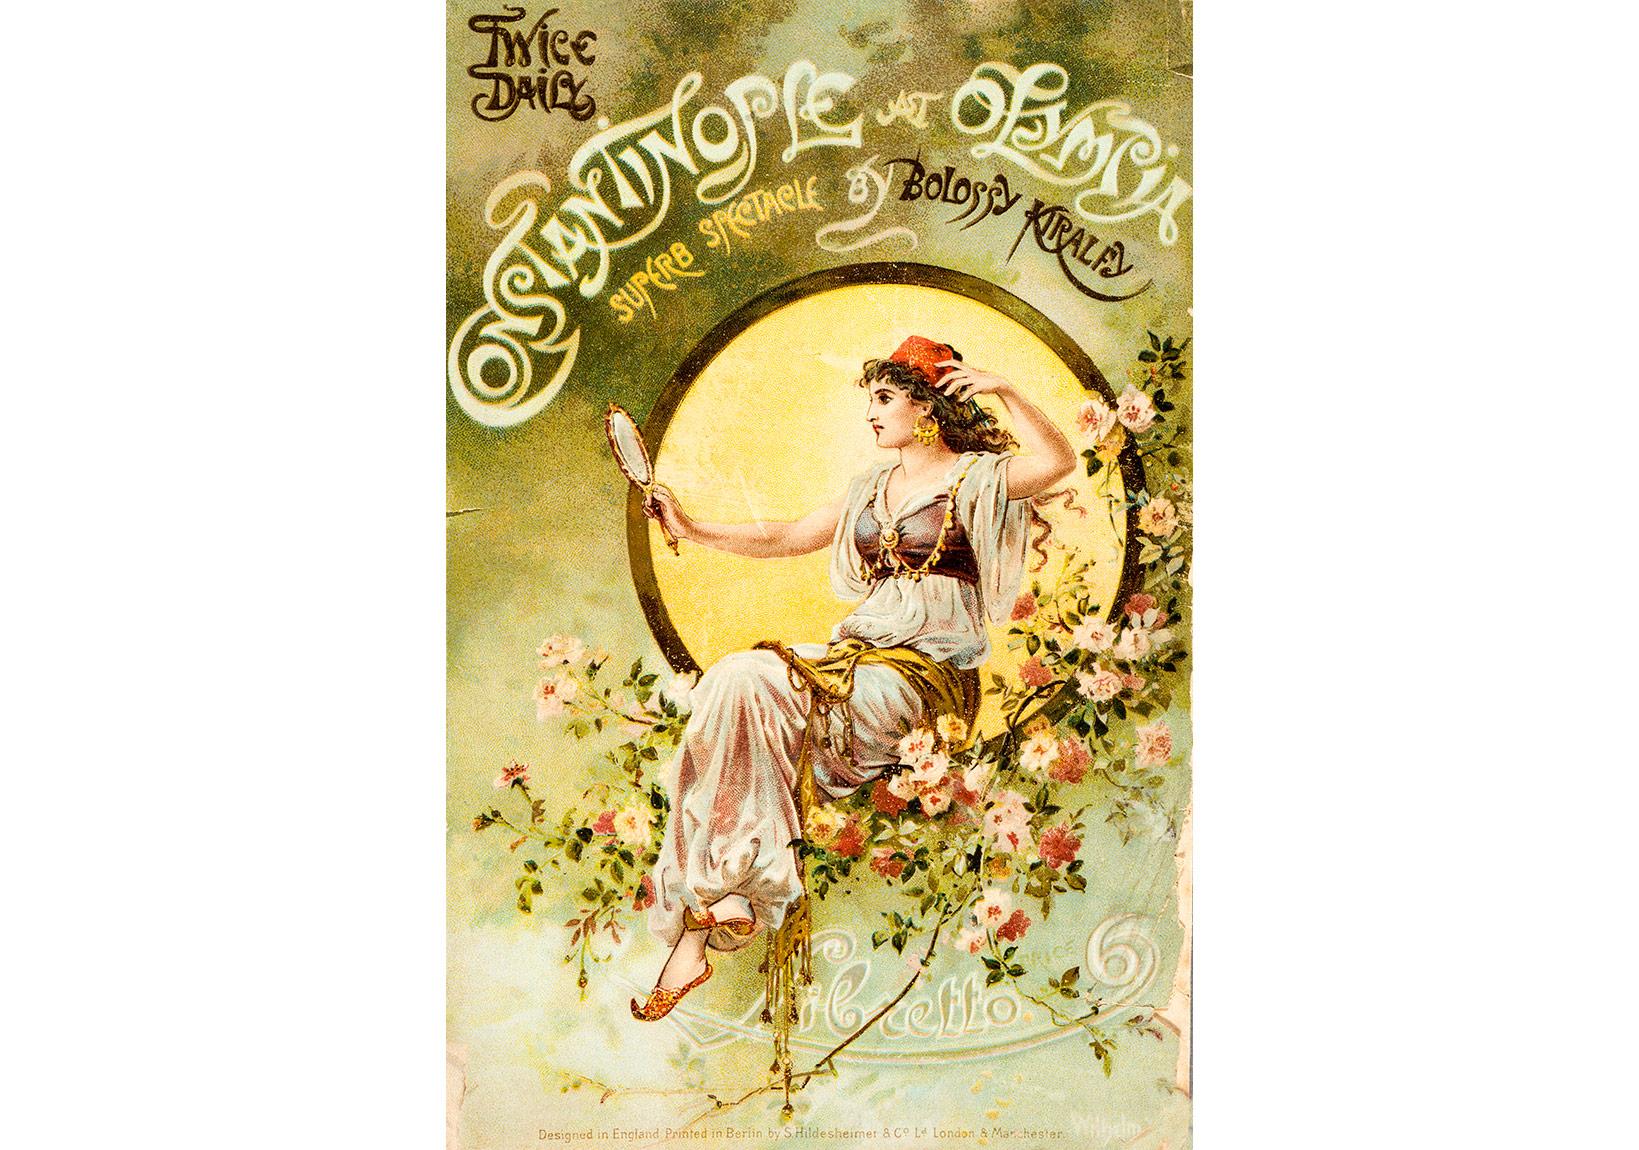 Olympia Tiyatrosu'nda gerçekleştirilen Constantinople adlı gösterinin kitapçığı. Yönetmen Bolossy Kiralfy Londra, 1893, Pierre de Gigord Koleksiyonu.